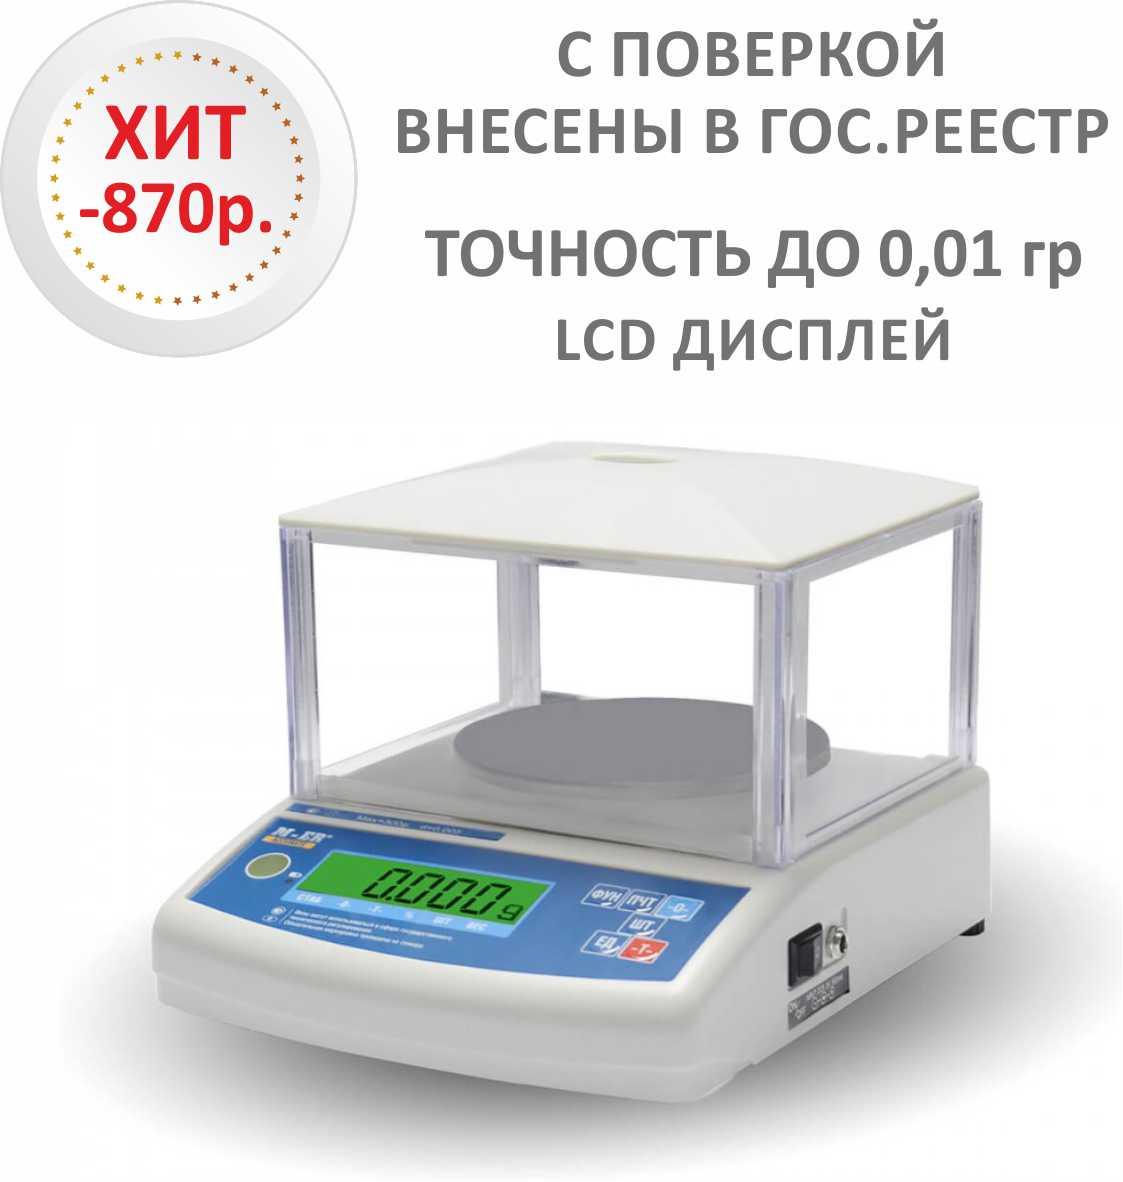 Весы лабораторные/аналитические M-ER 122 АCFJR-300.01 ACCURATE LCD - вид спереди